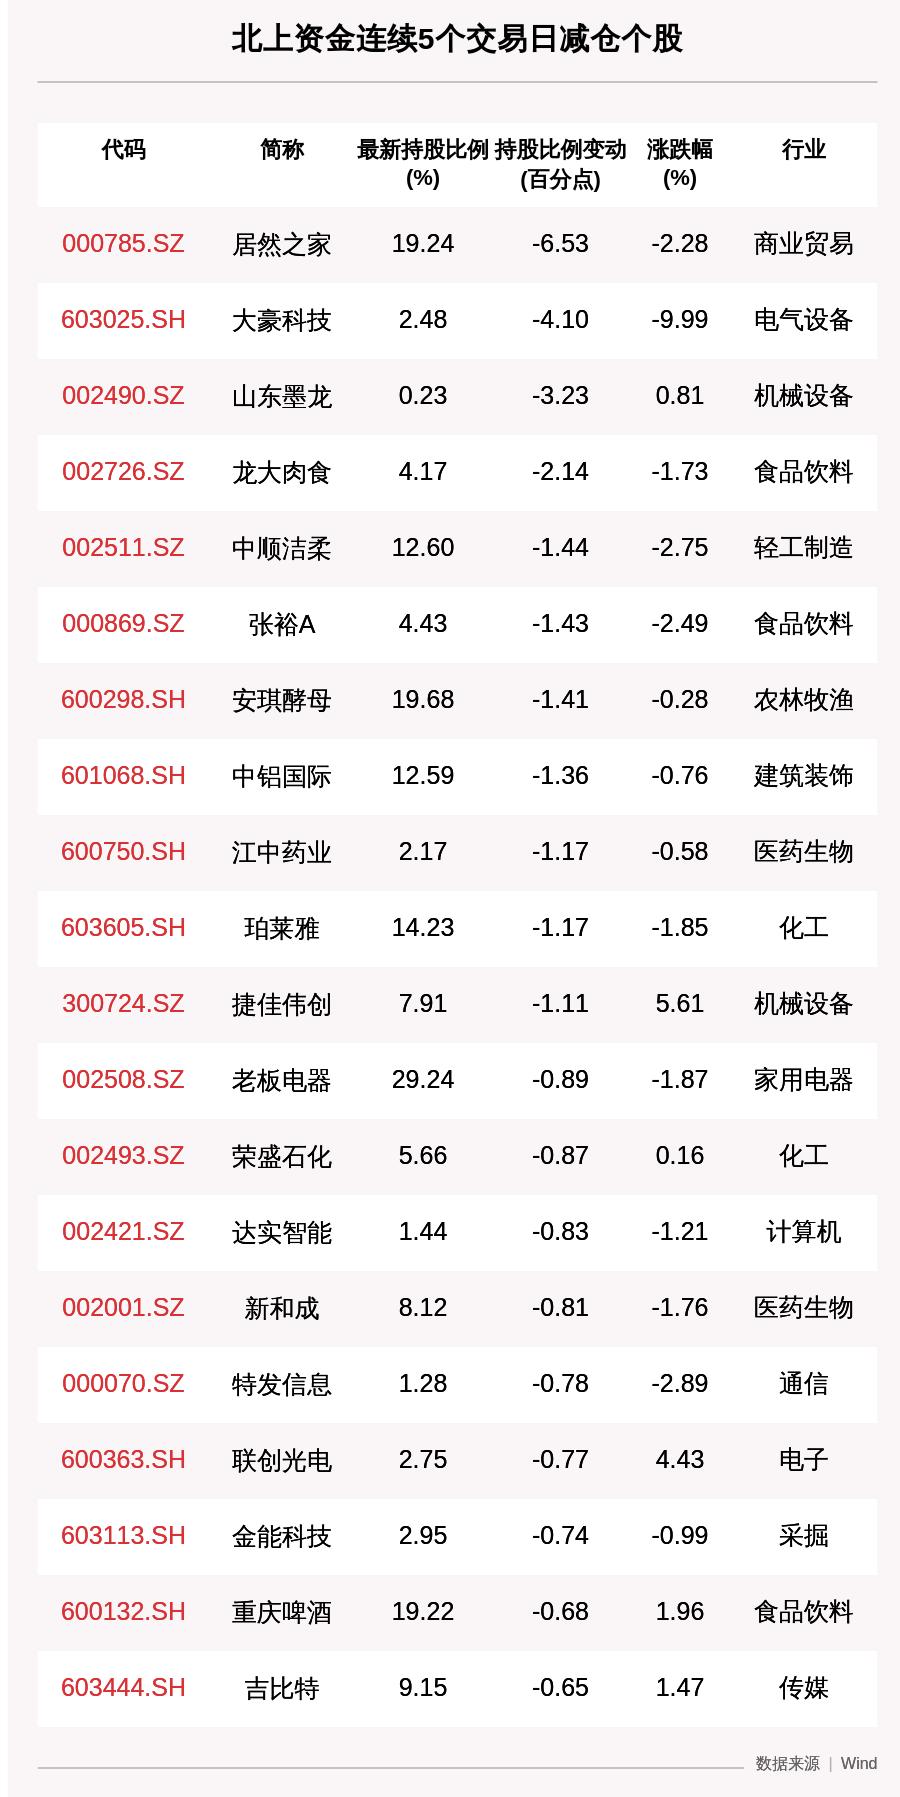 揭秘北上资金:连续5日减仓这72只个股(附名单)